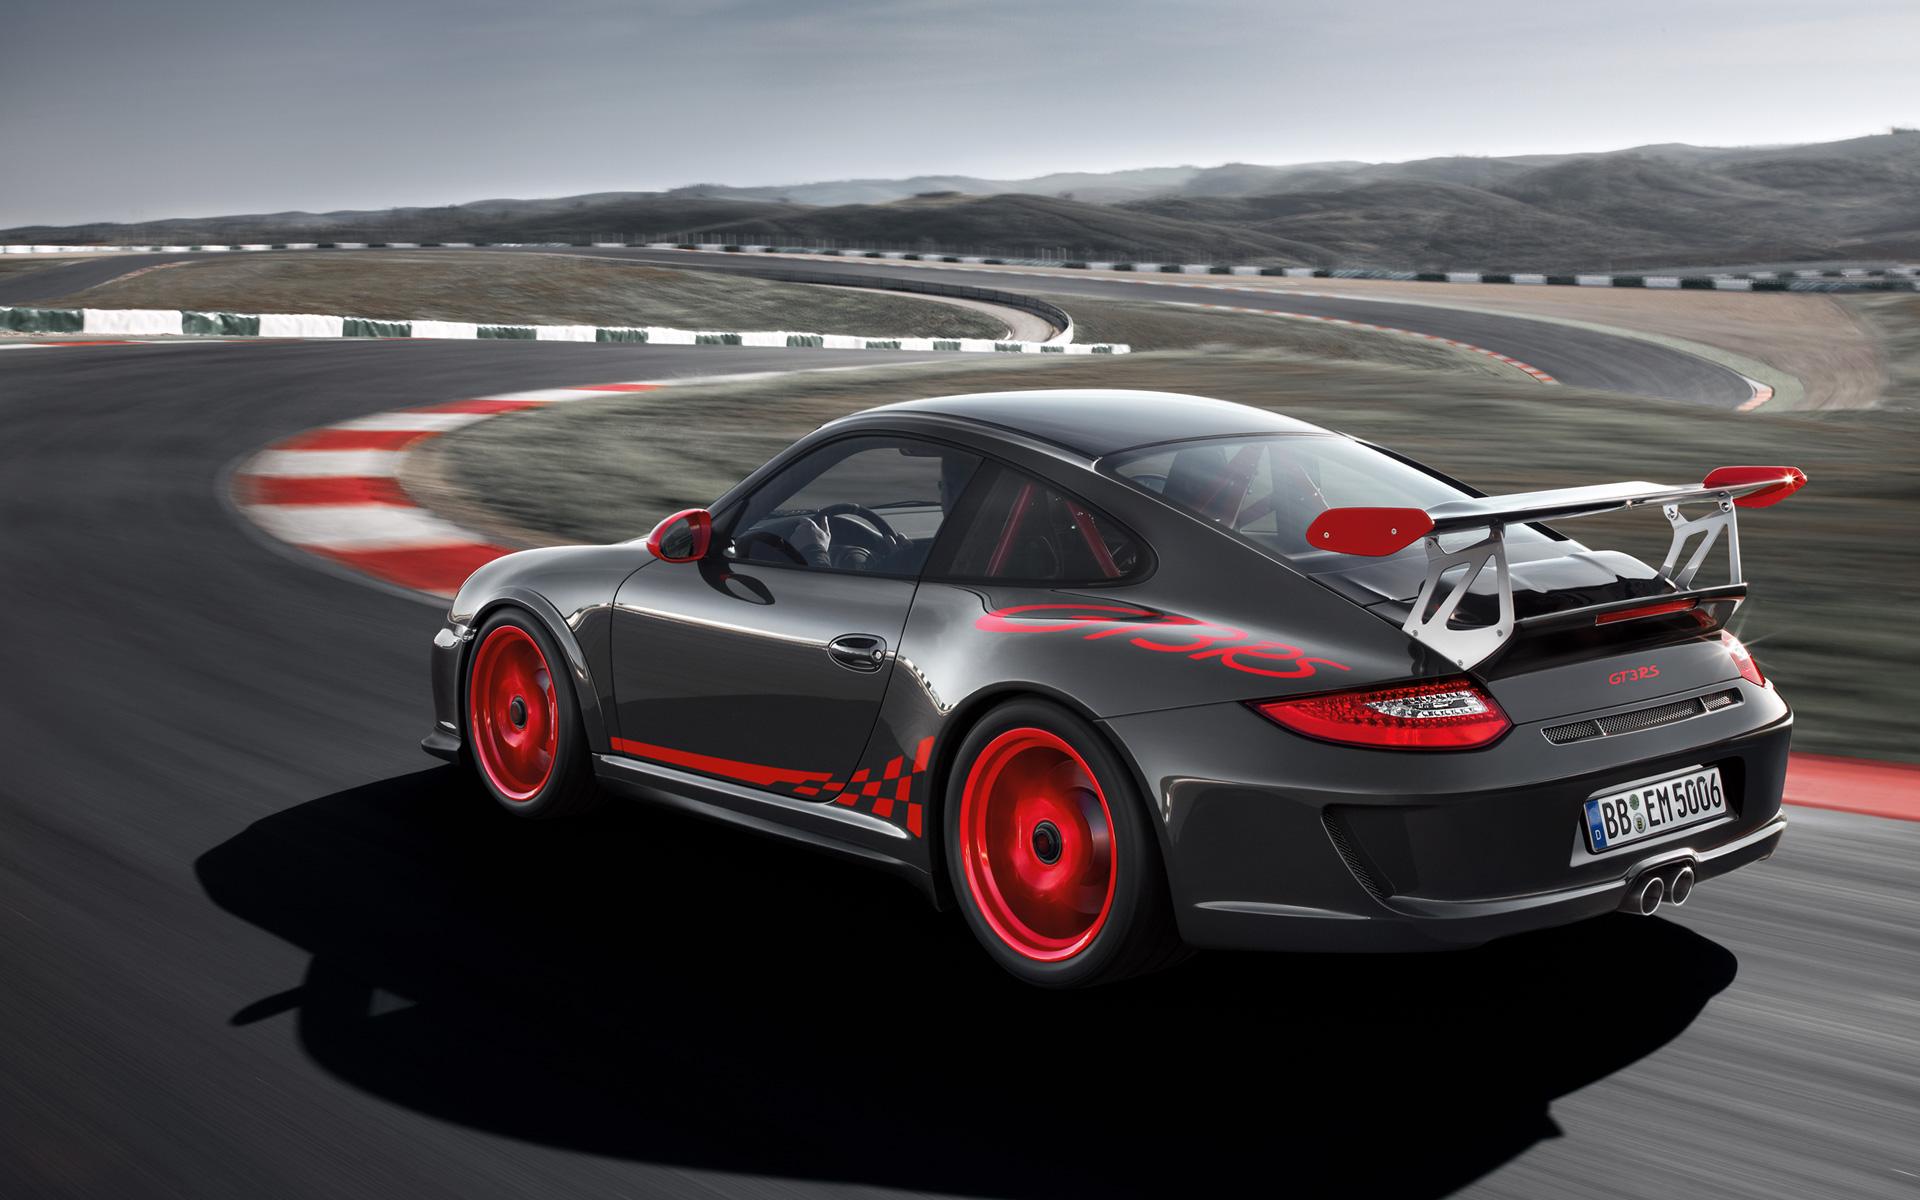 Porsche 911 GT3 RS photos Wallpaper Desktop Download